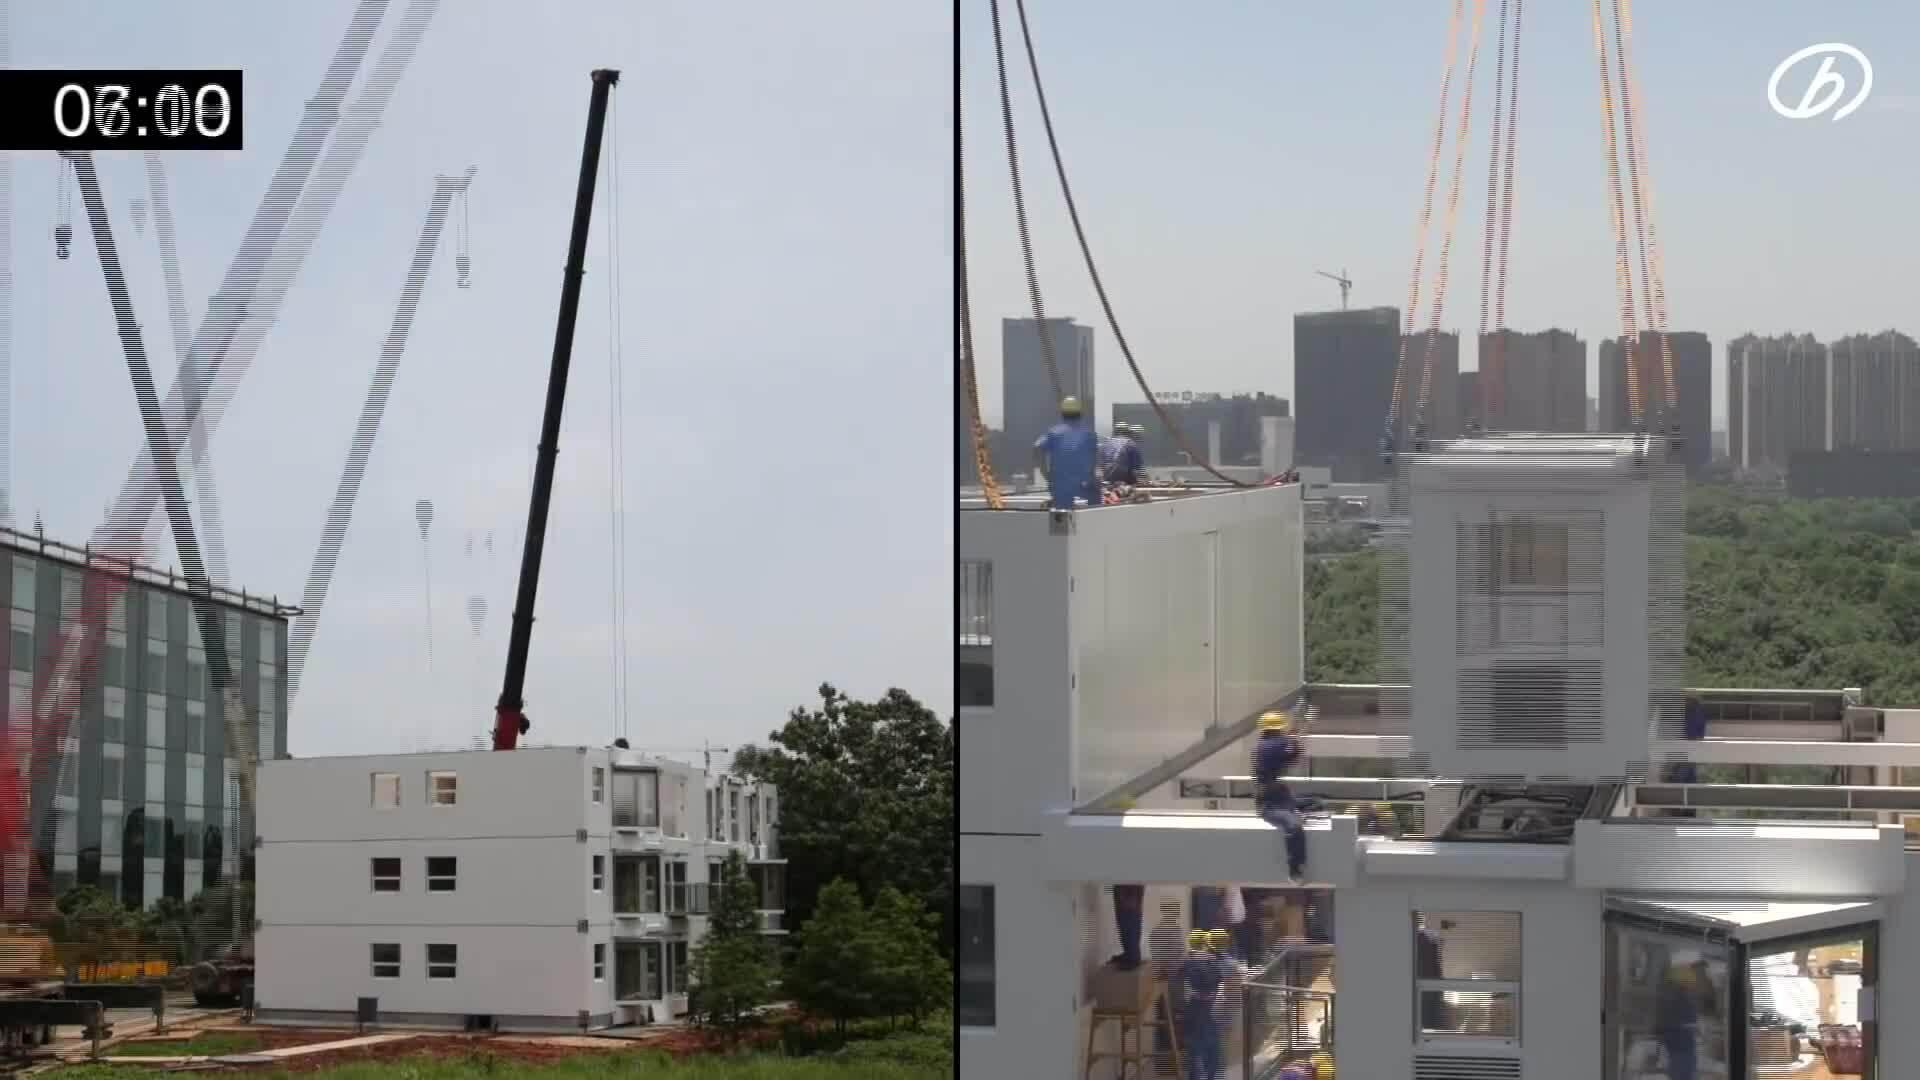 Công ty Trung Quốc xây chung cư 10 tầng chỉ trong 29 giờ